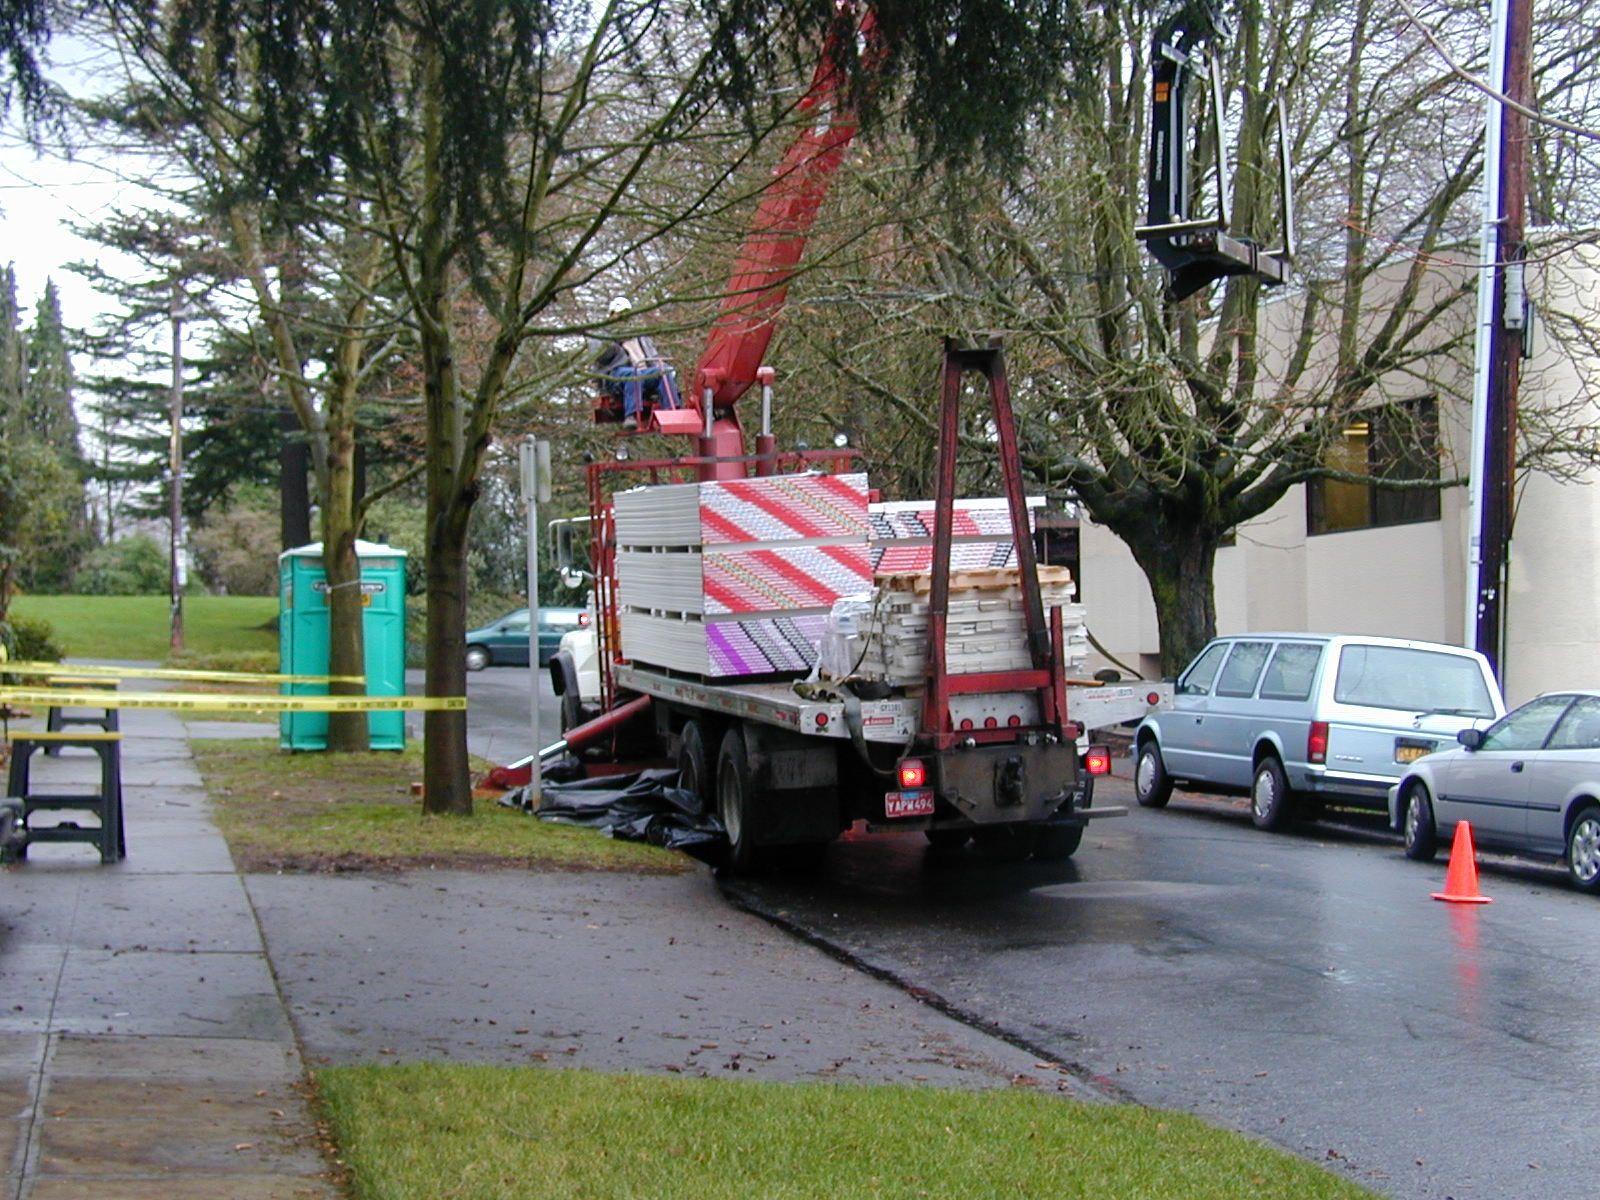 2003 Q4 Duplex Drywall delivery1.jpg